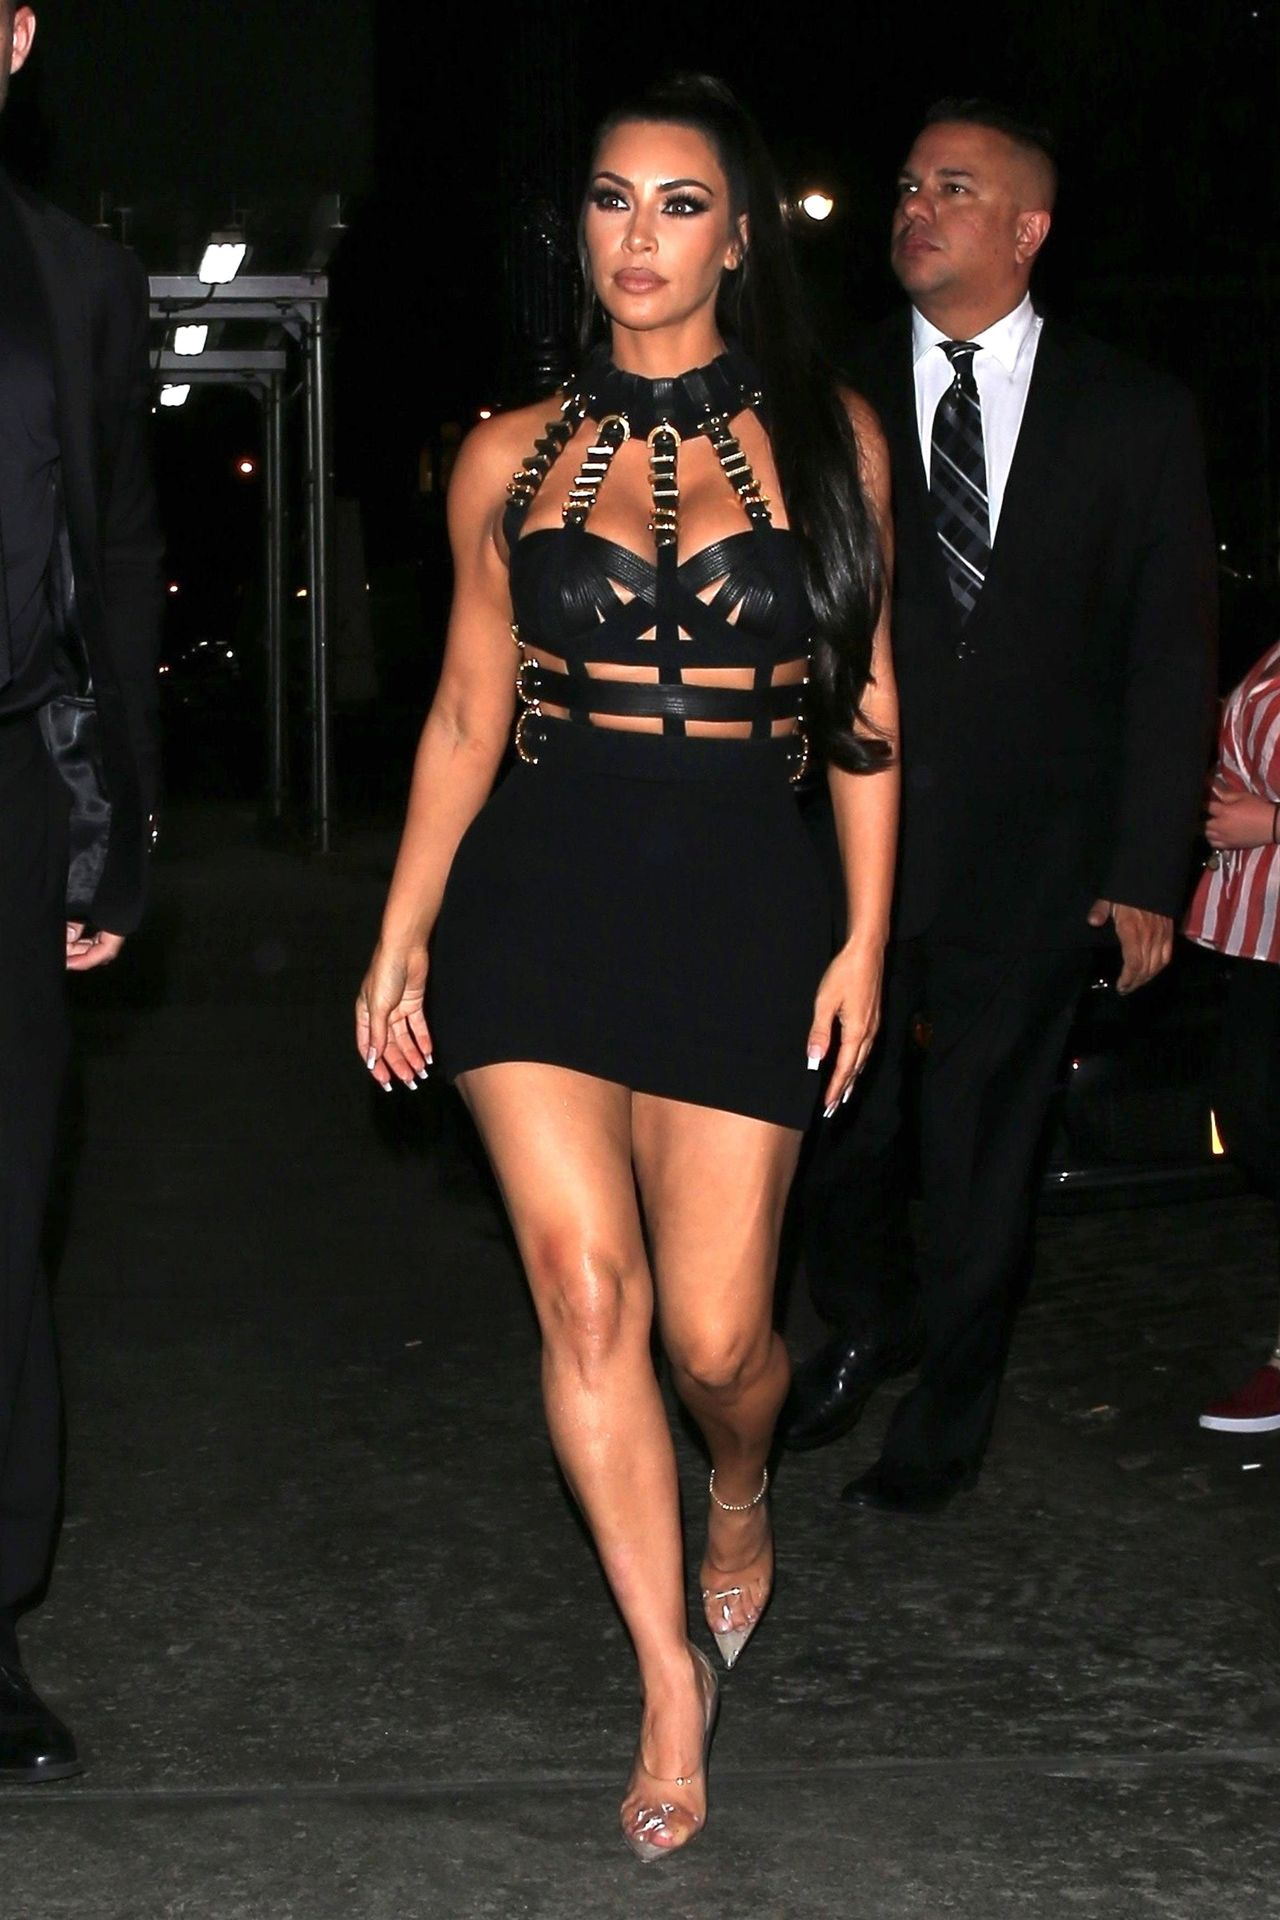 Ta dziewczyna chciała wyglądać jak Kim Kardashian? Udało się? (ZDJĘCIA)